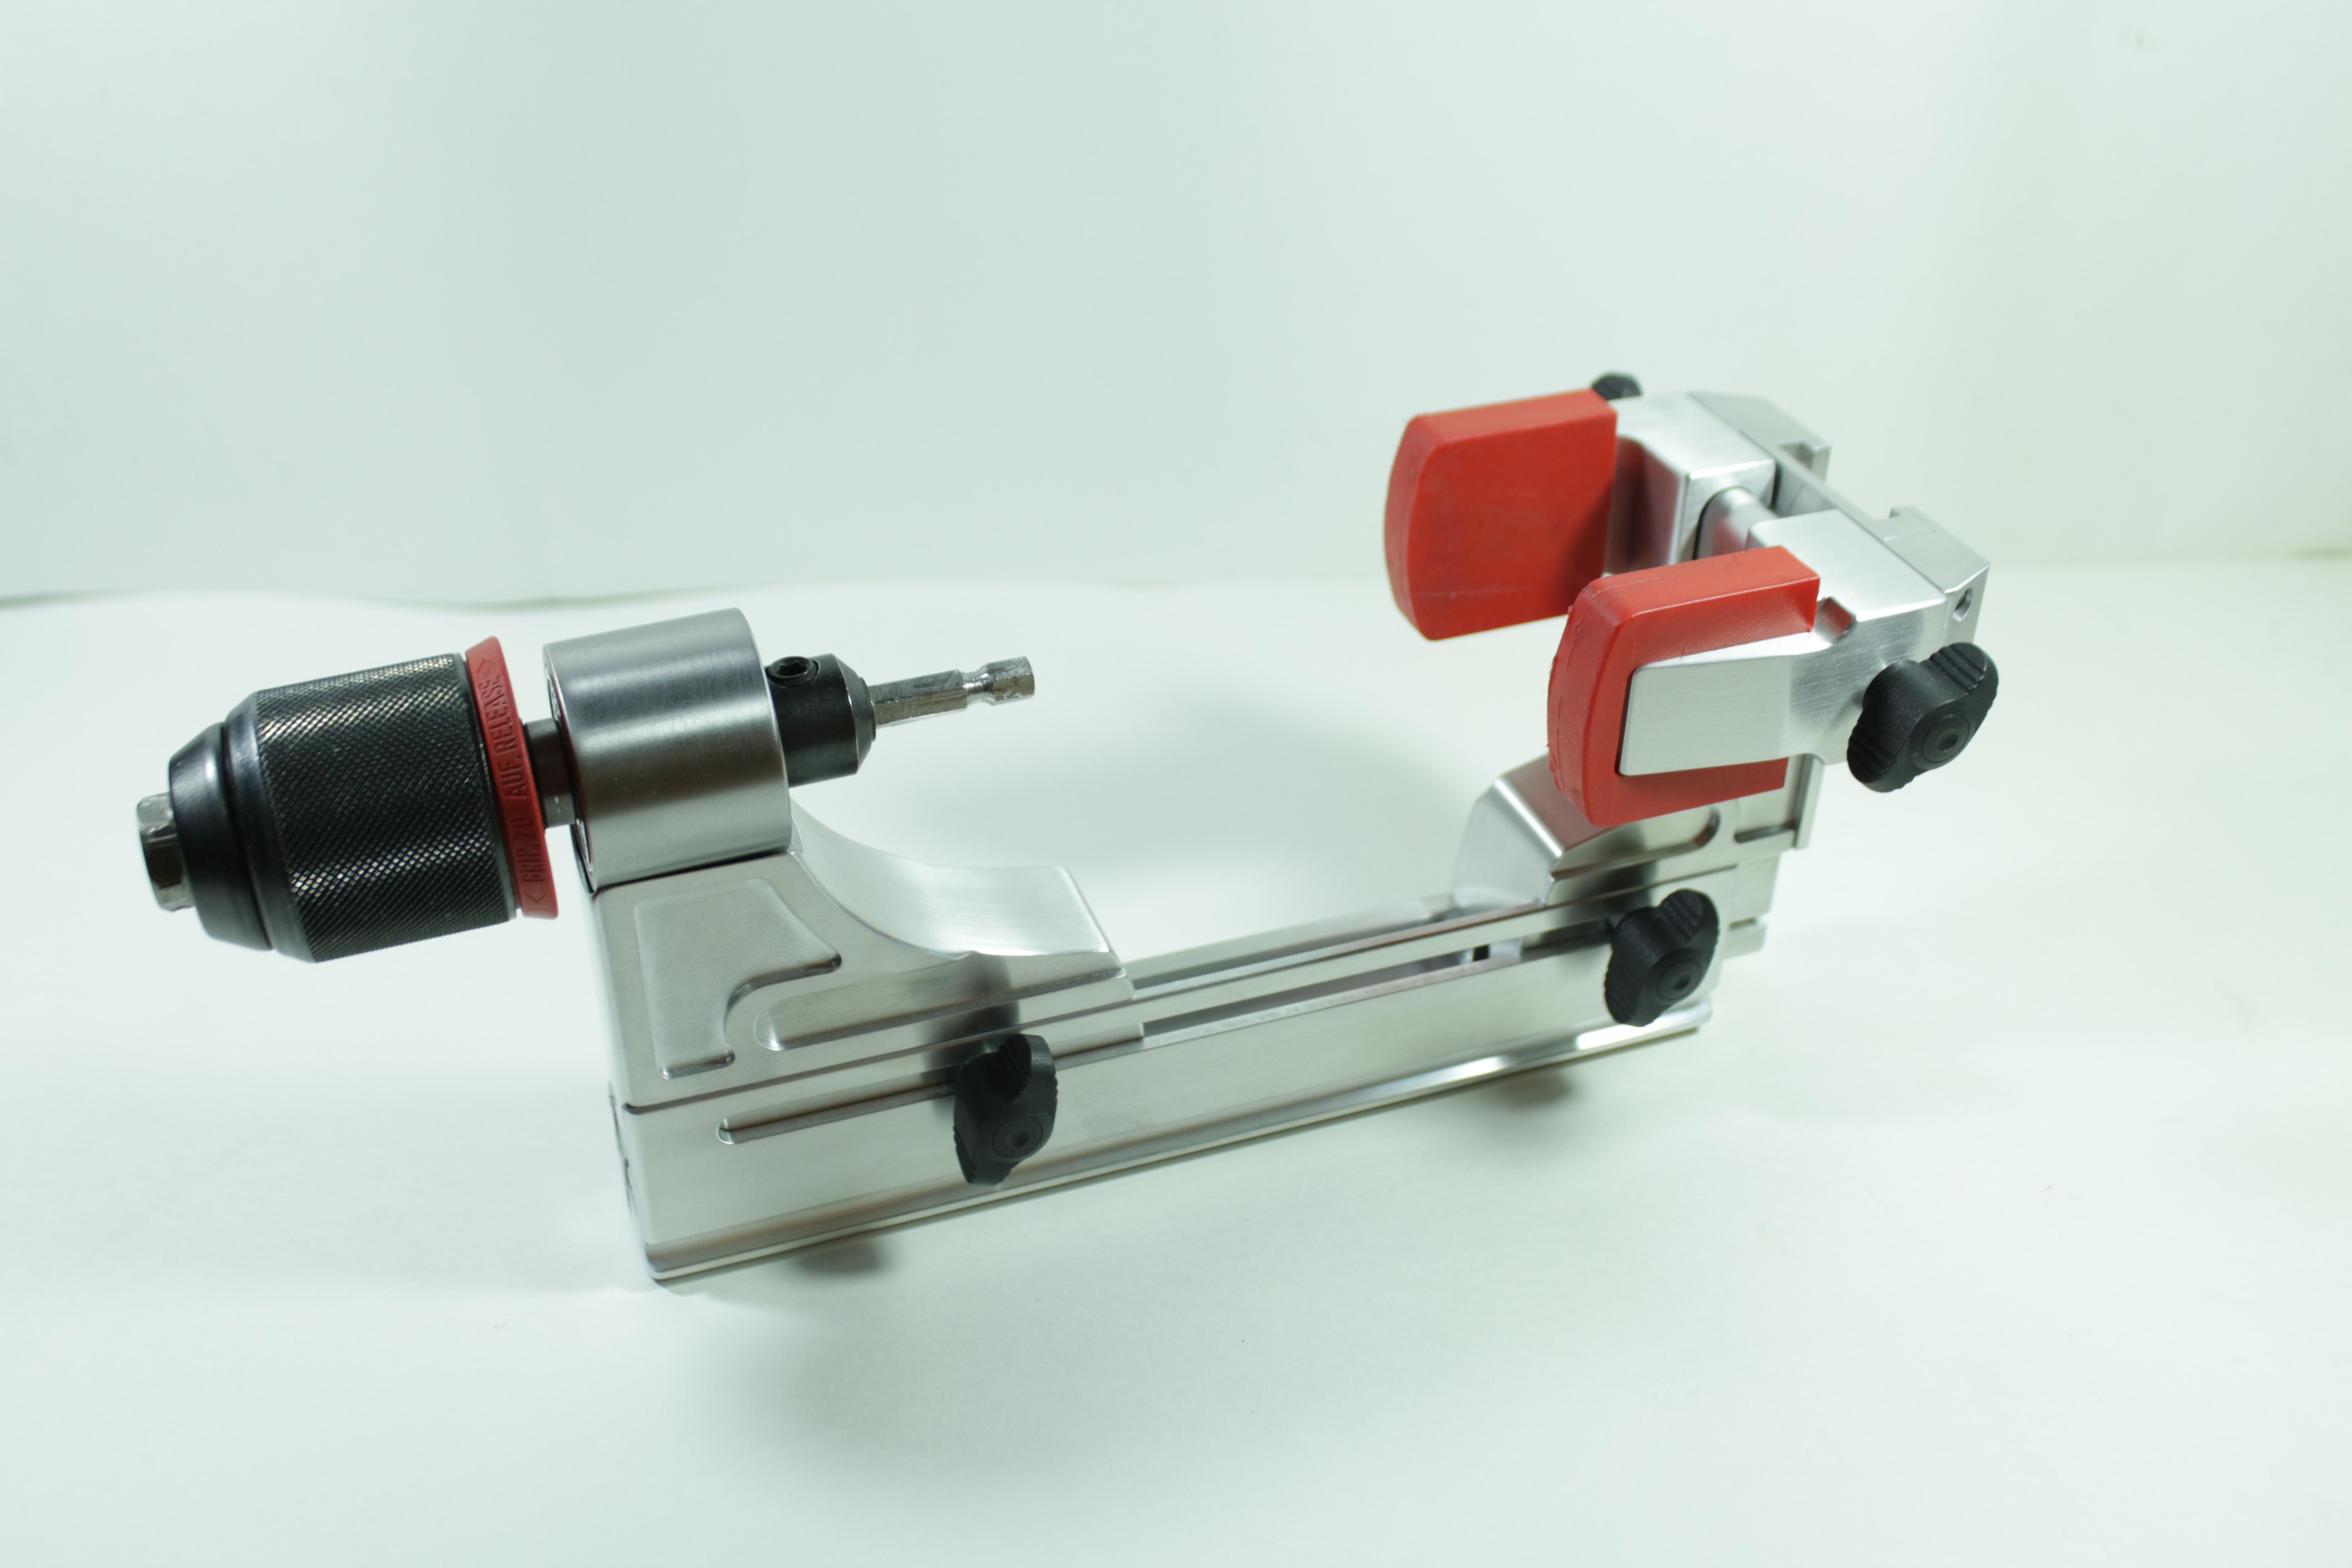 Новый патент на Полезную модель «Переходник для сверления ручным инструментом» поступил в продажу